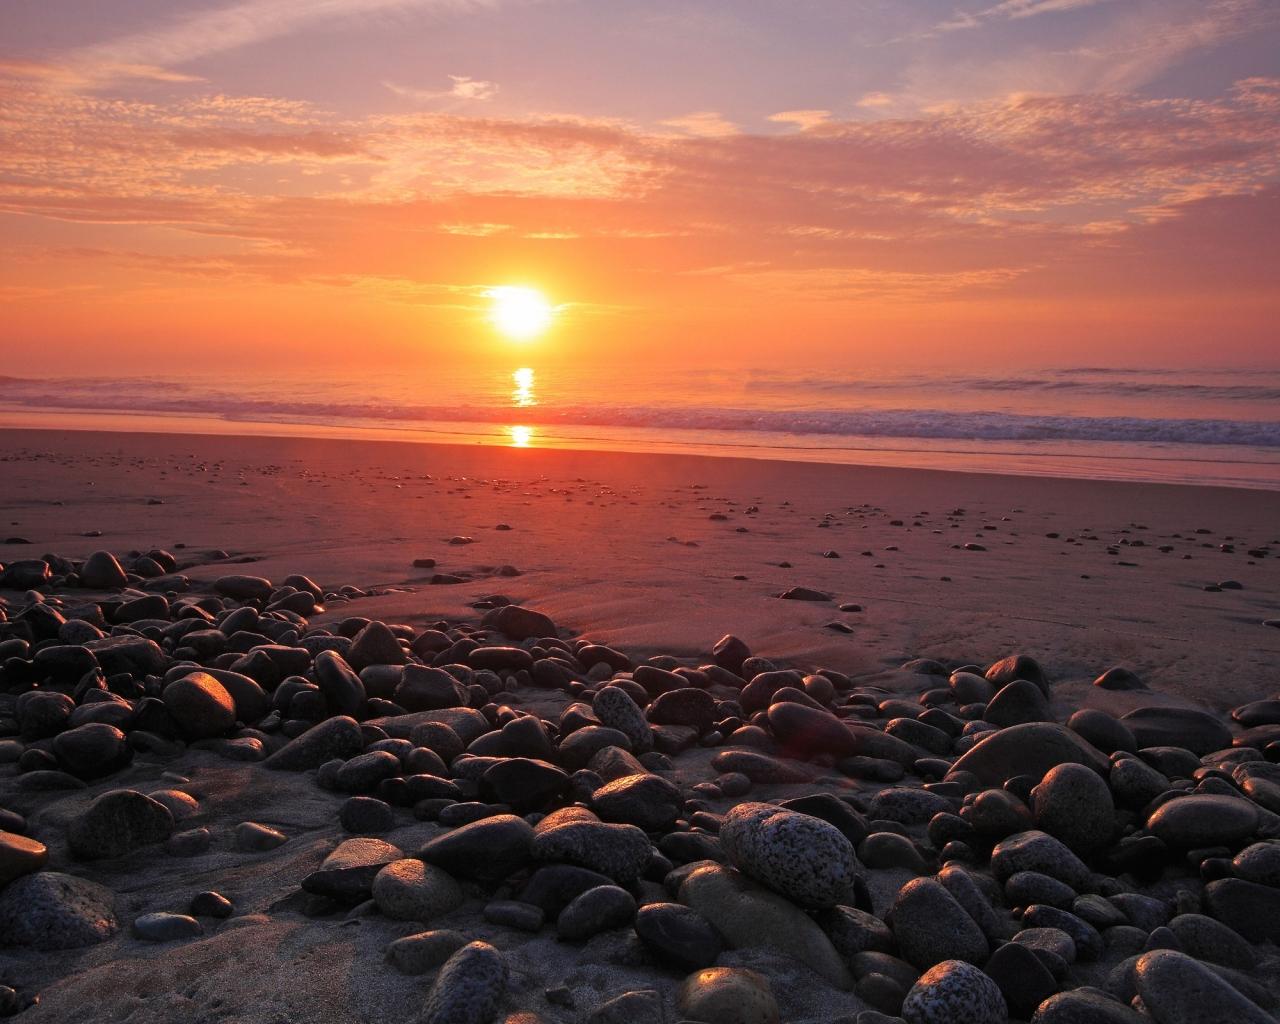 Rocas en una playa al atardecer - 1280x1024